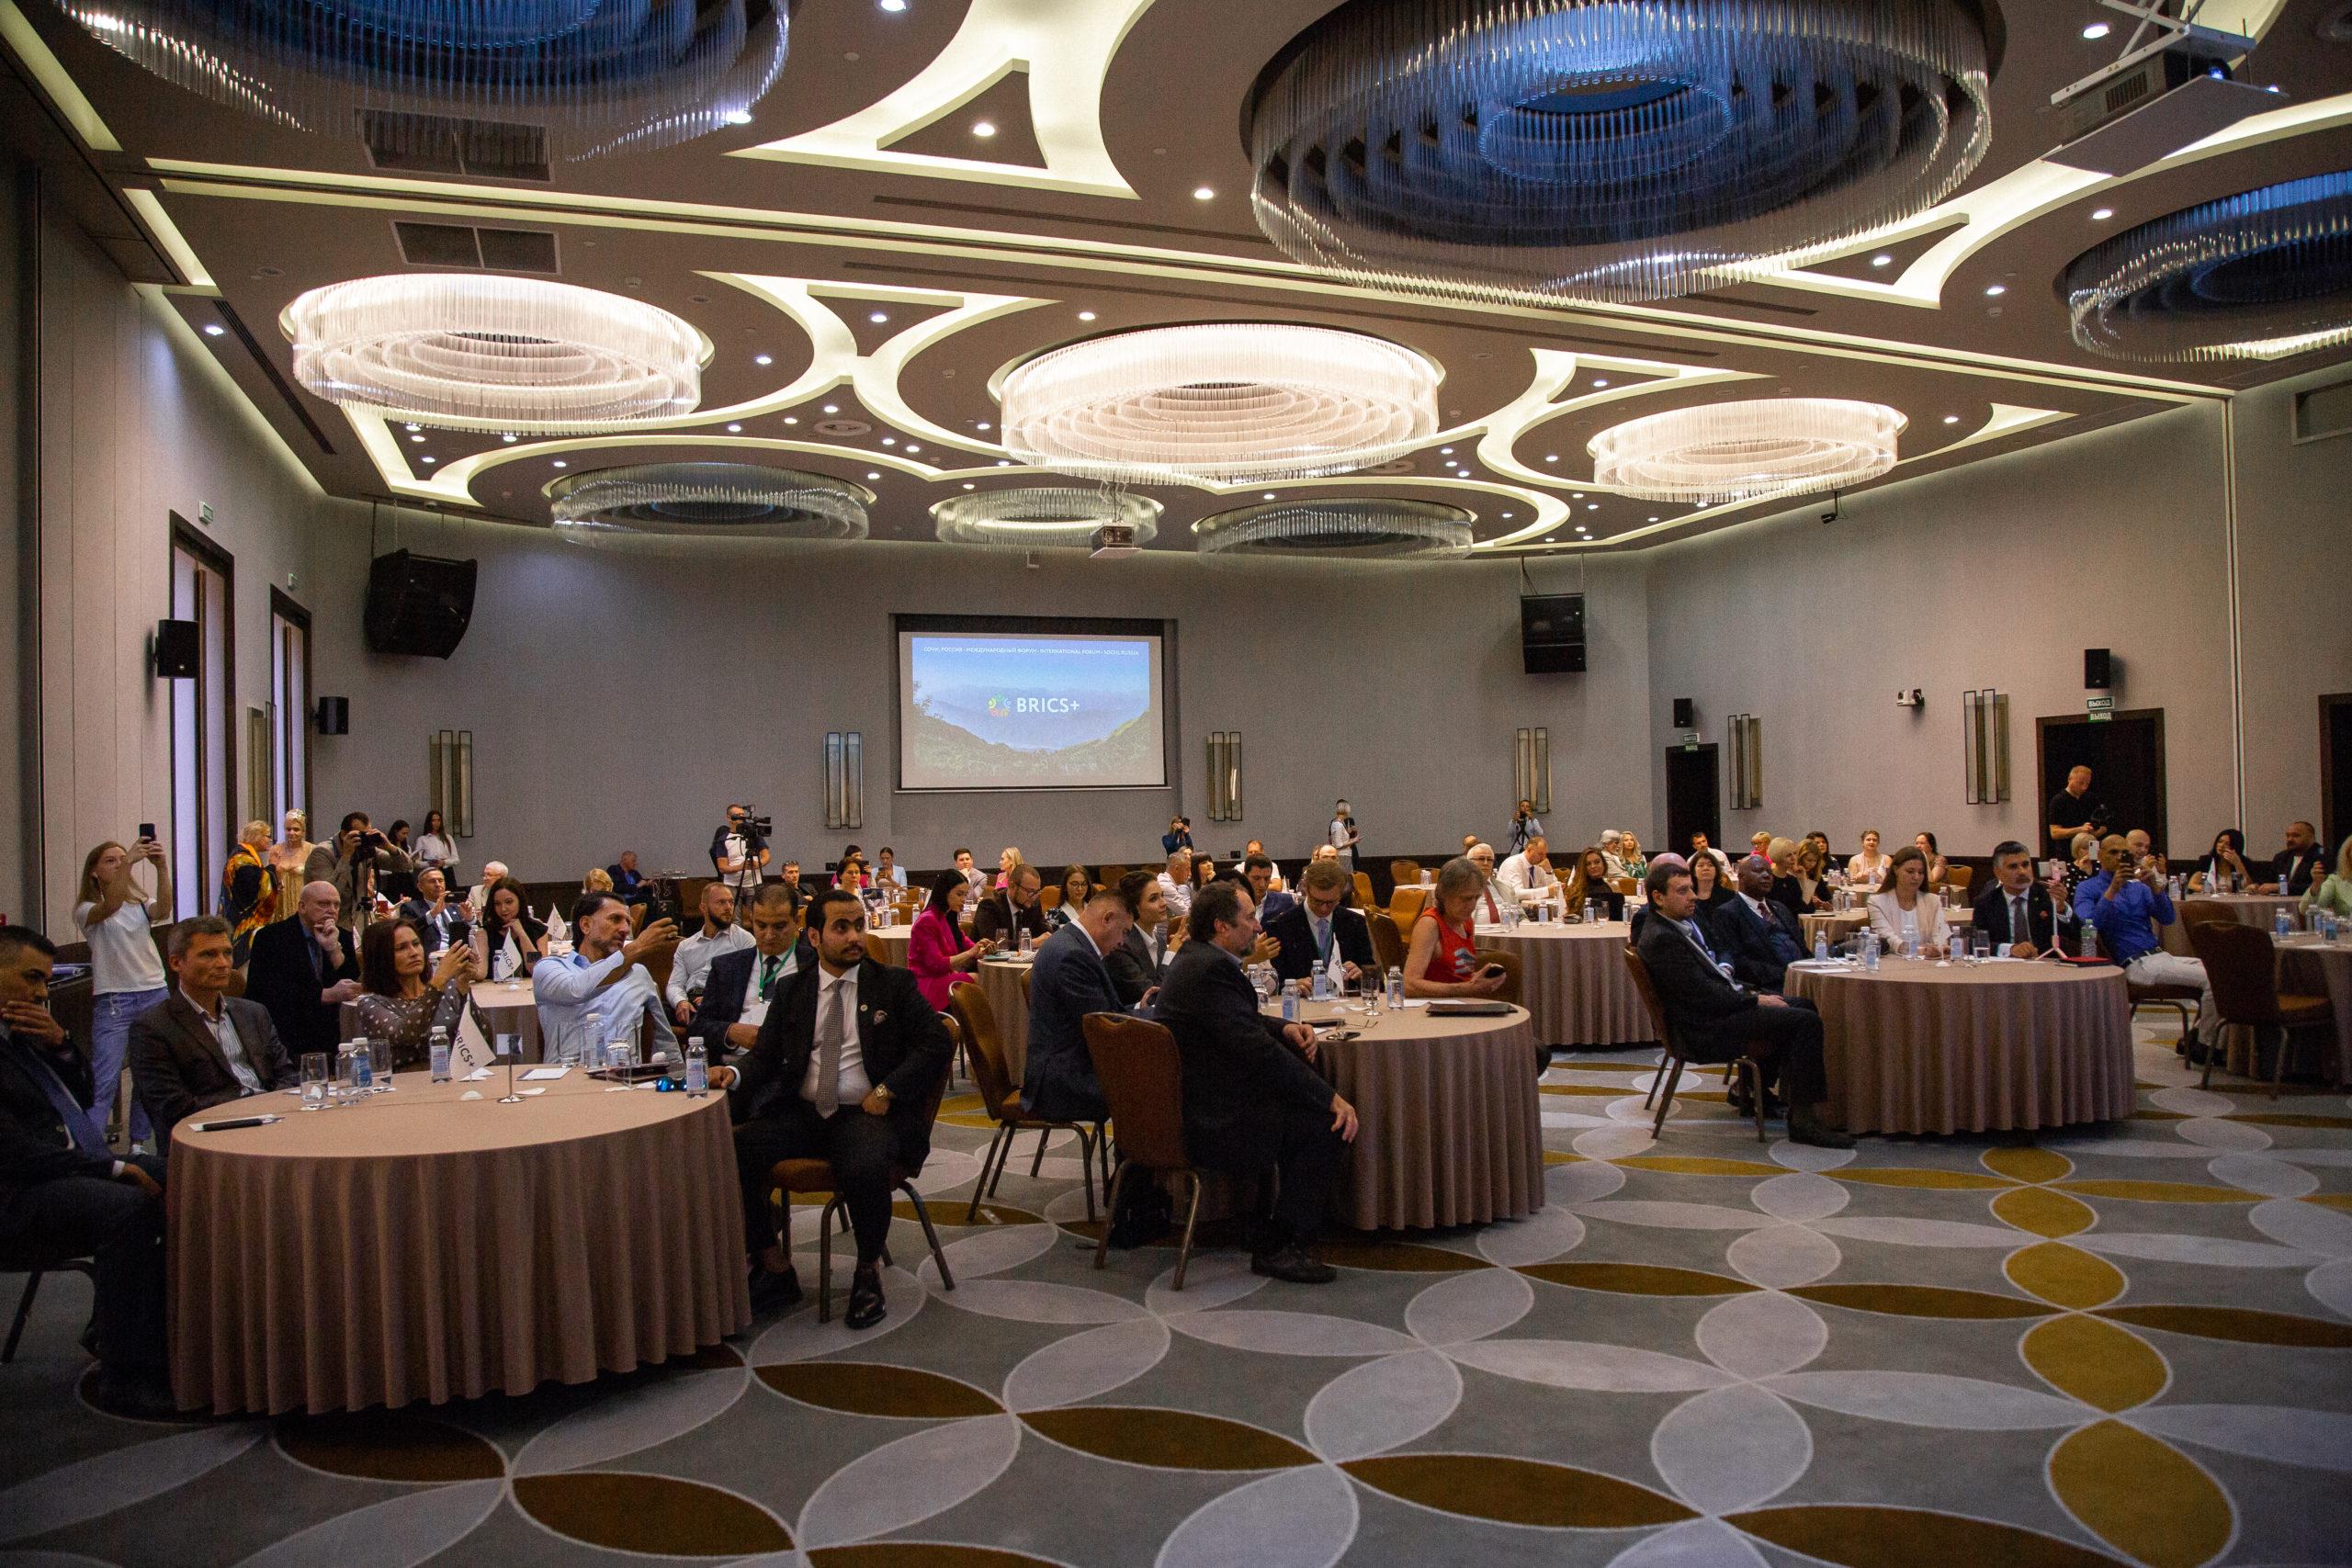 Впервые на международном форуме BRICS + приняли участие представители трёх вузов: РЭУ им. Г.В. Плеханова, МГИМО и МИТУ-МАСИ